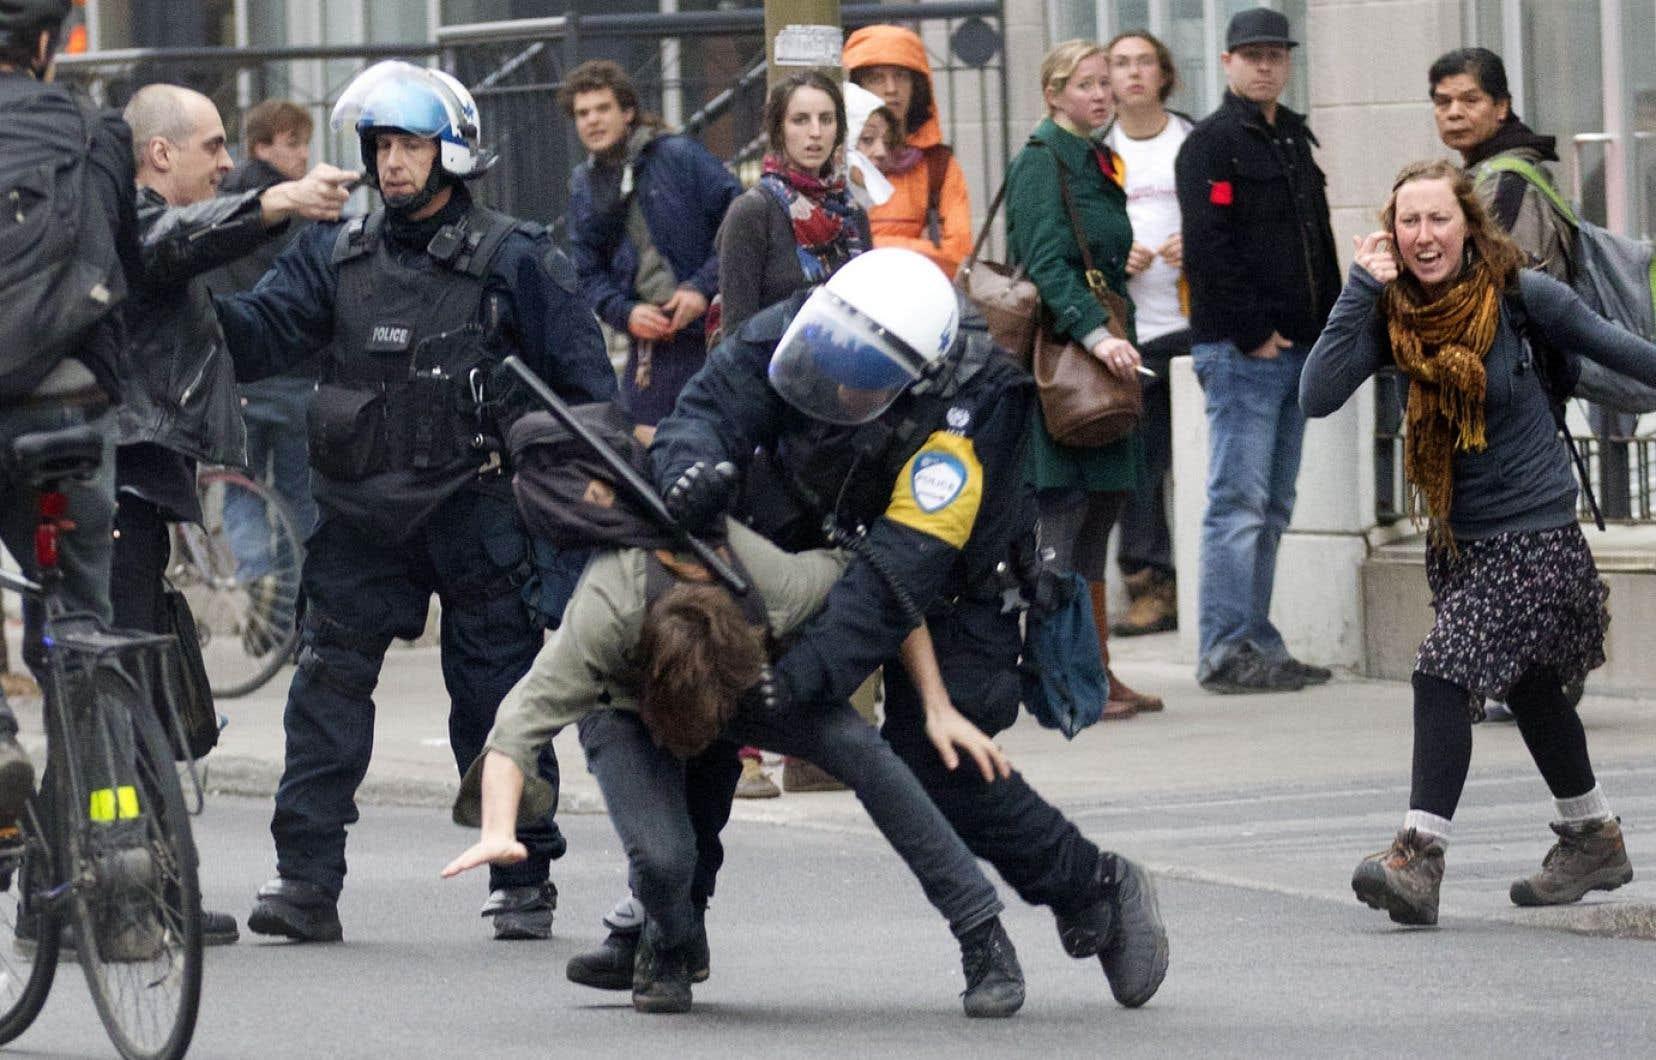 Est-ce que cette commission viendra remettre en question les arrestations de masse, les armes utilisées, les blessures?